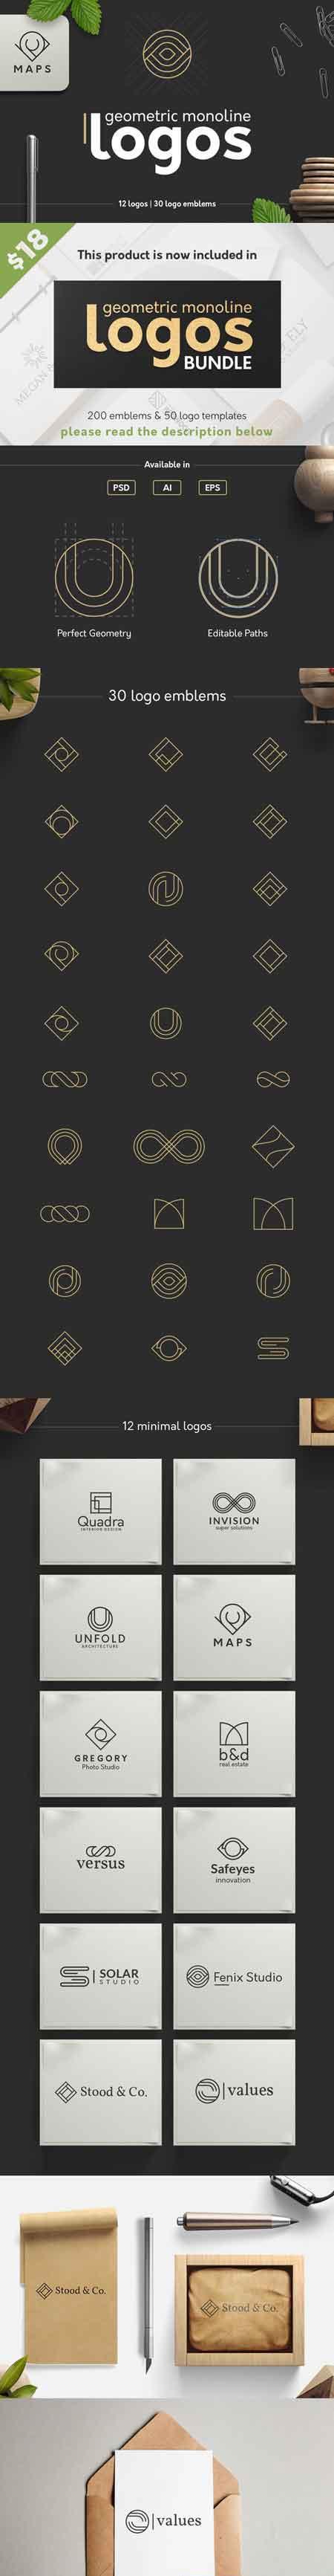 简洁几何风格的logo模版素材下载[Ai]